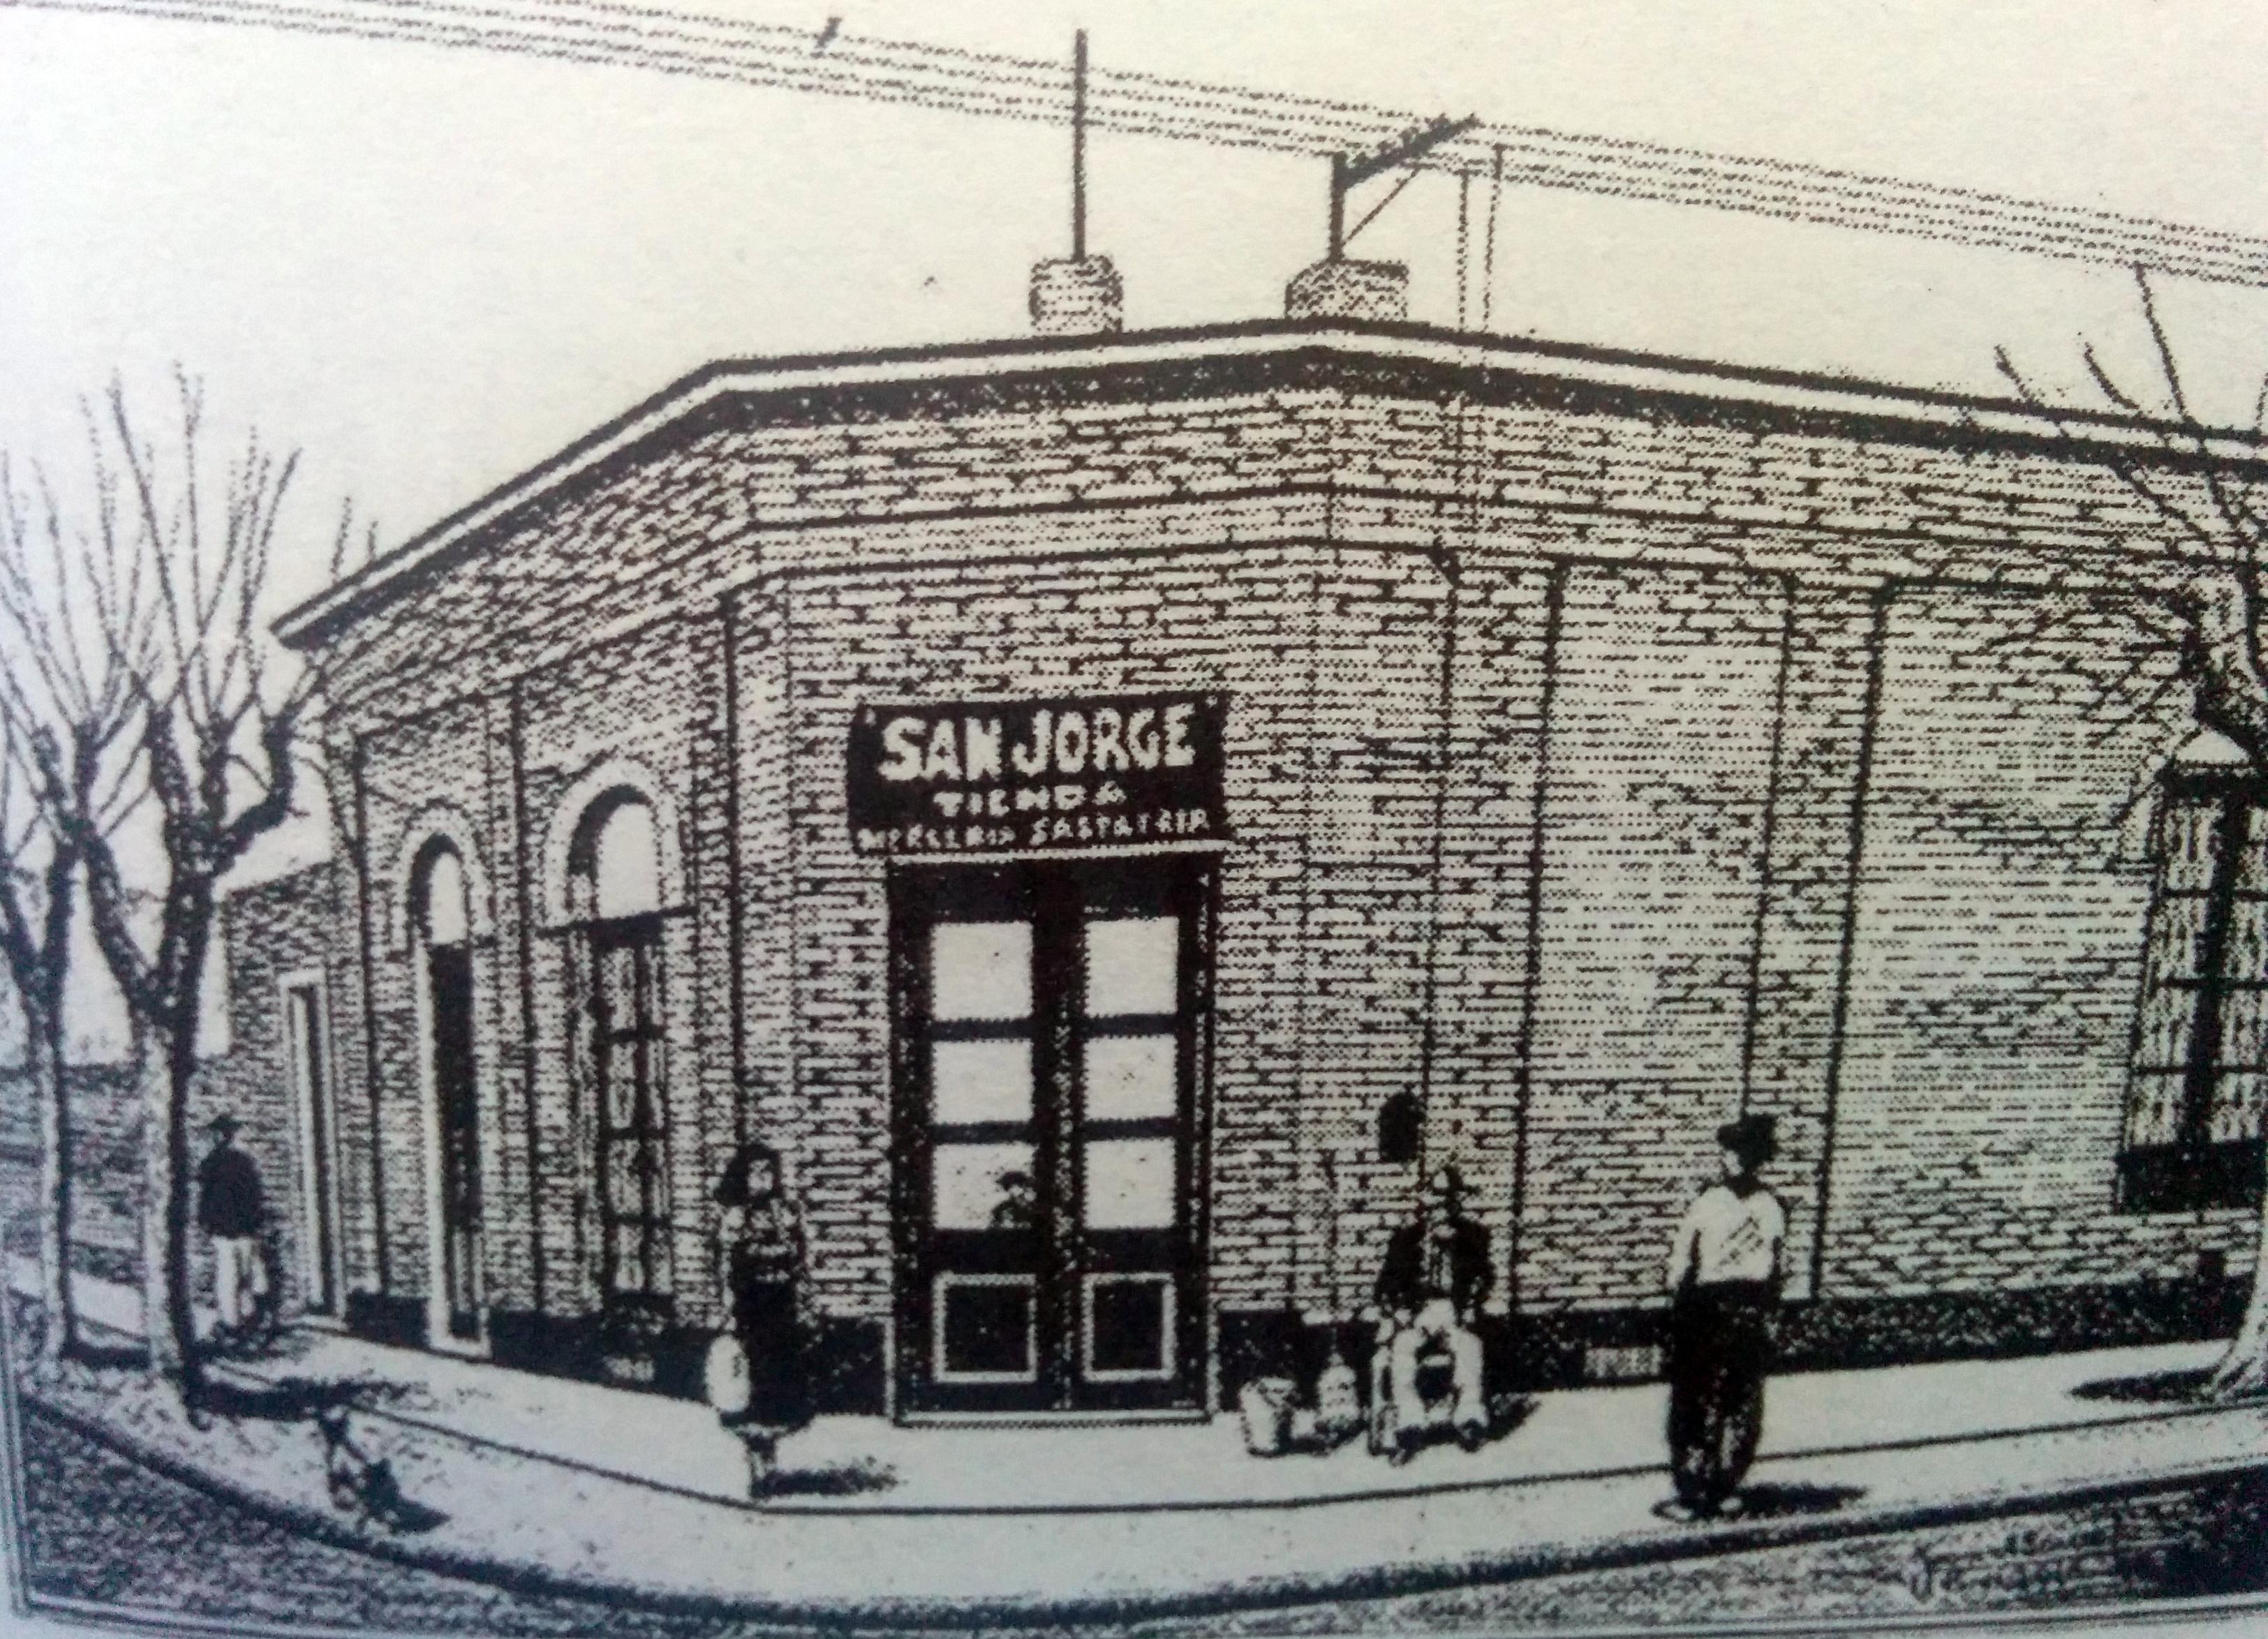 """La tienda """"San Jorge"""", en el dibujo del artista plástico, investigador del pasado, escritor, docente y procurador, Juan Antonio Larrea."""